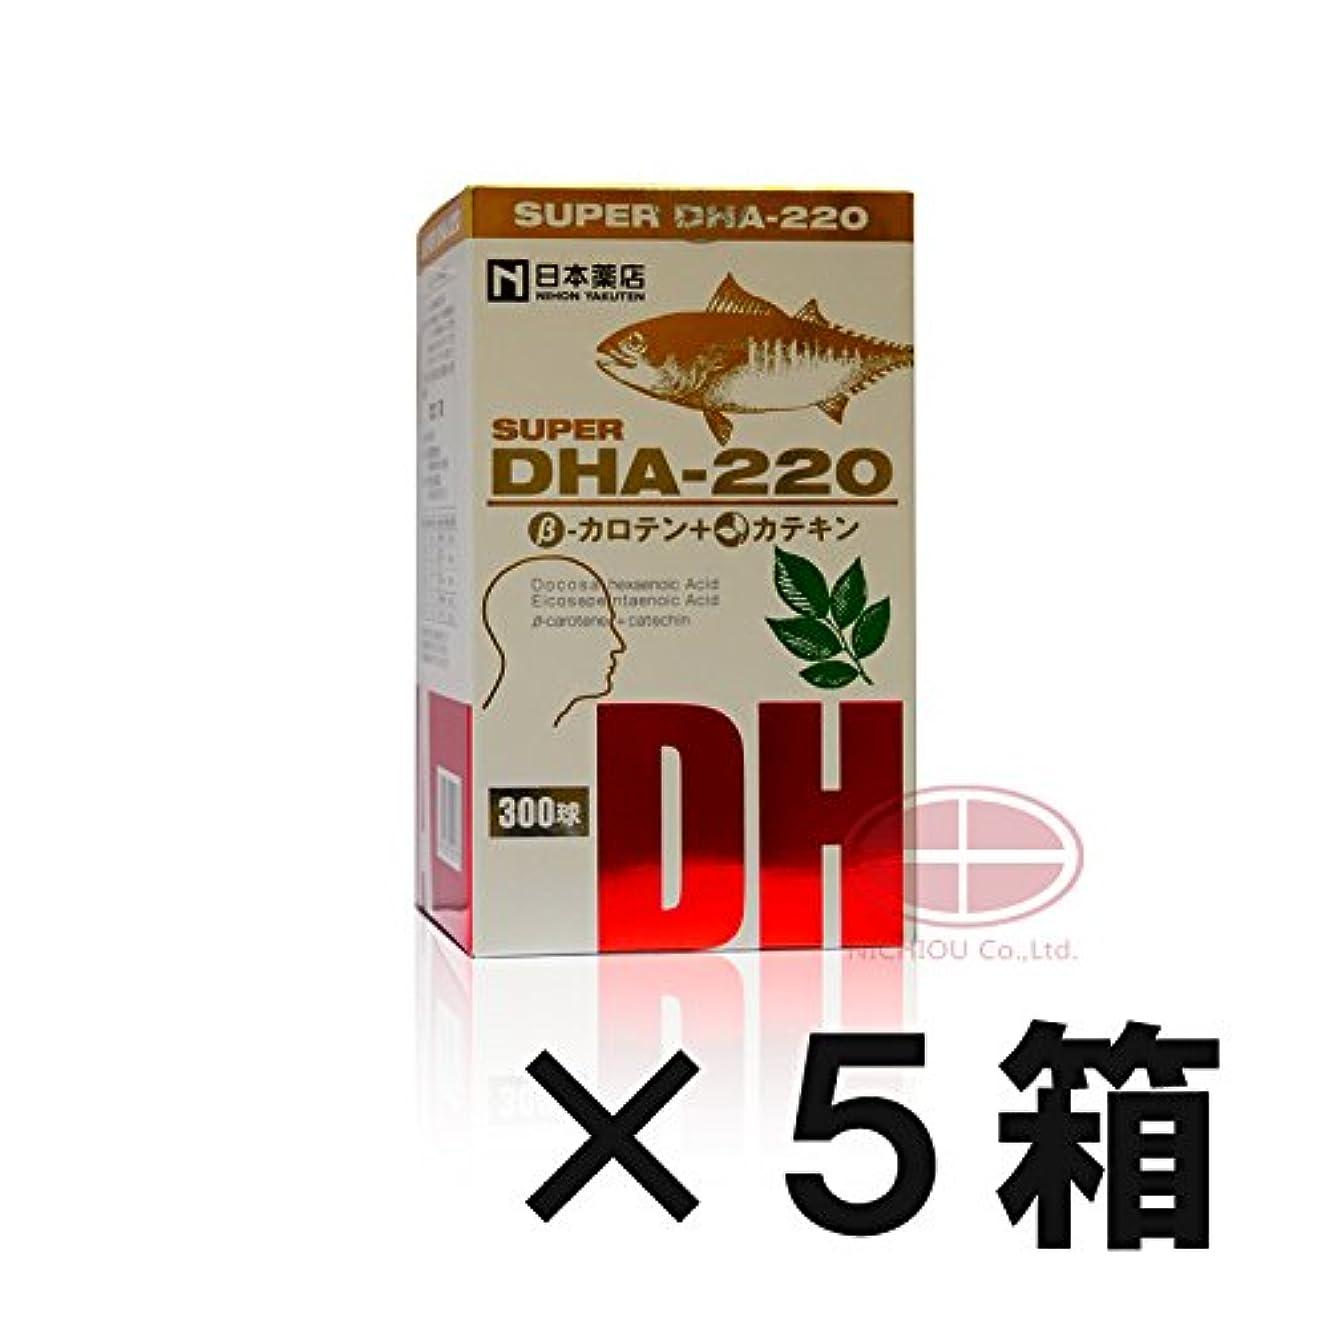 ホバート誓約ボード薬王製薬 スーパーDHA220 βカロテン+カテキン 300粒 (5)